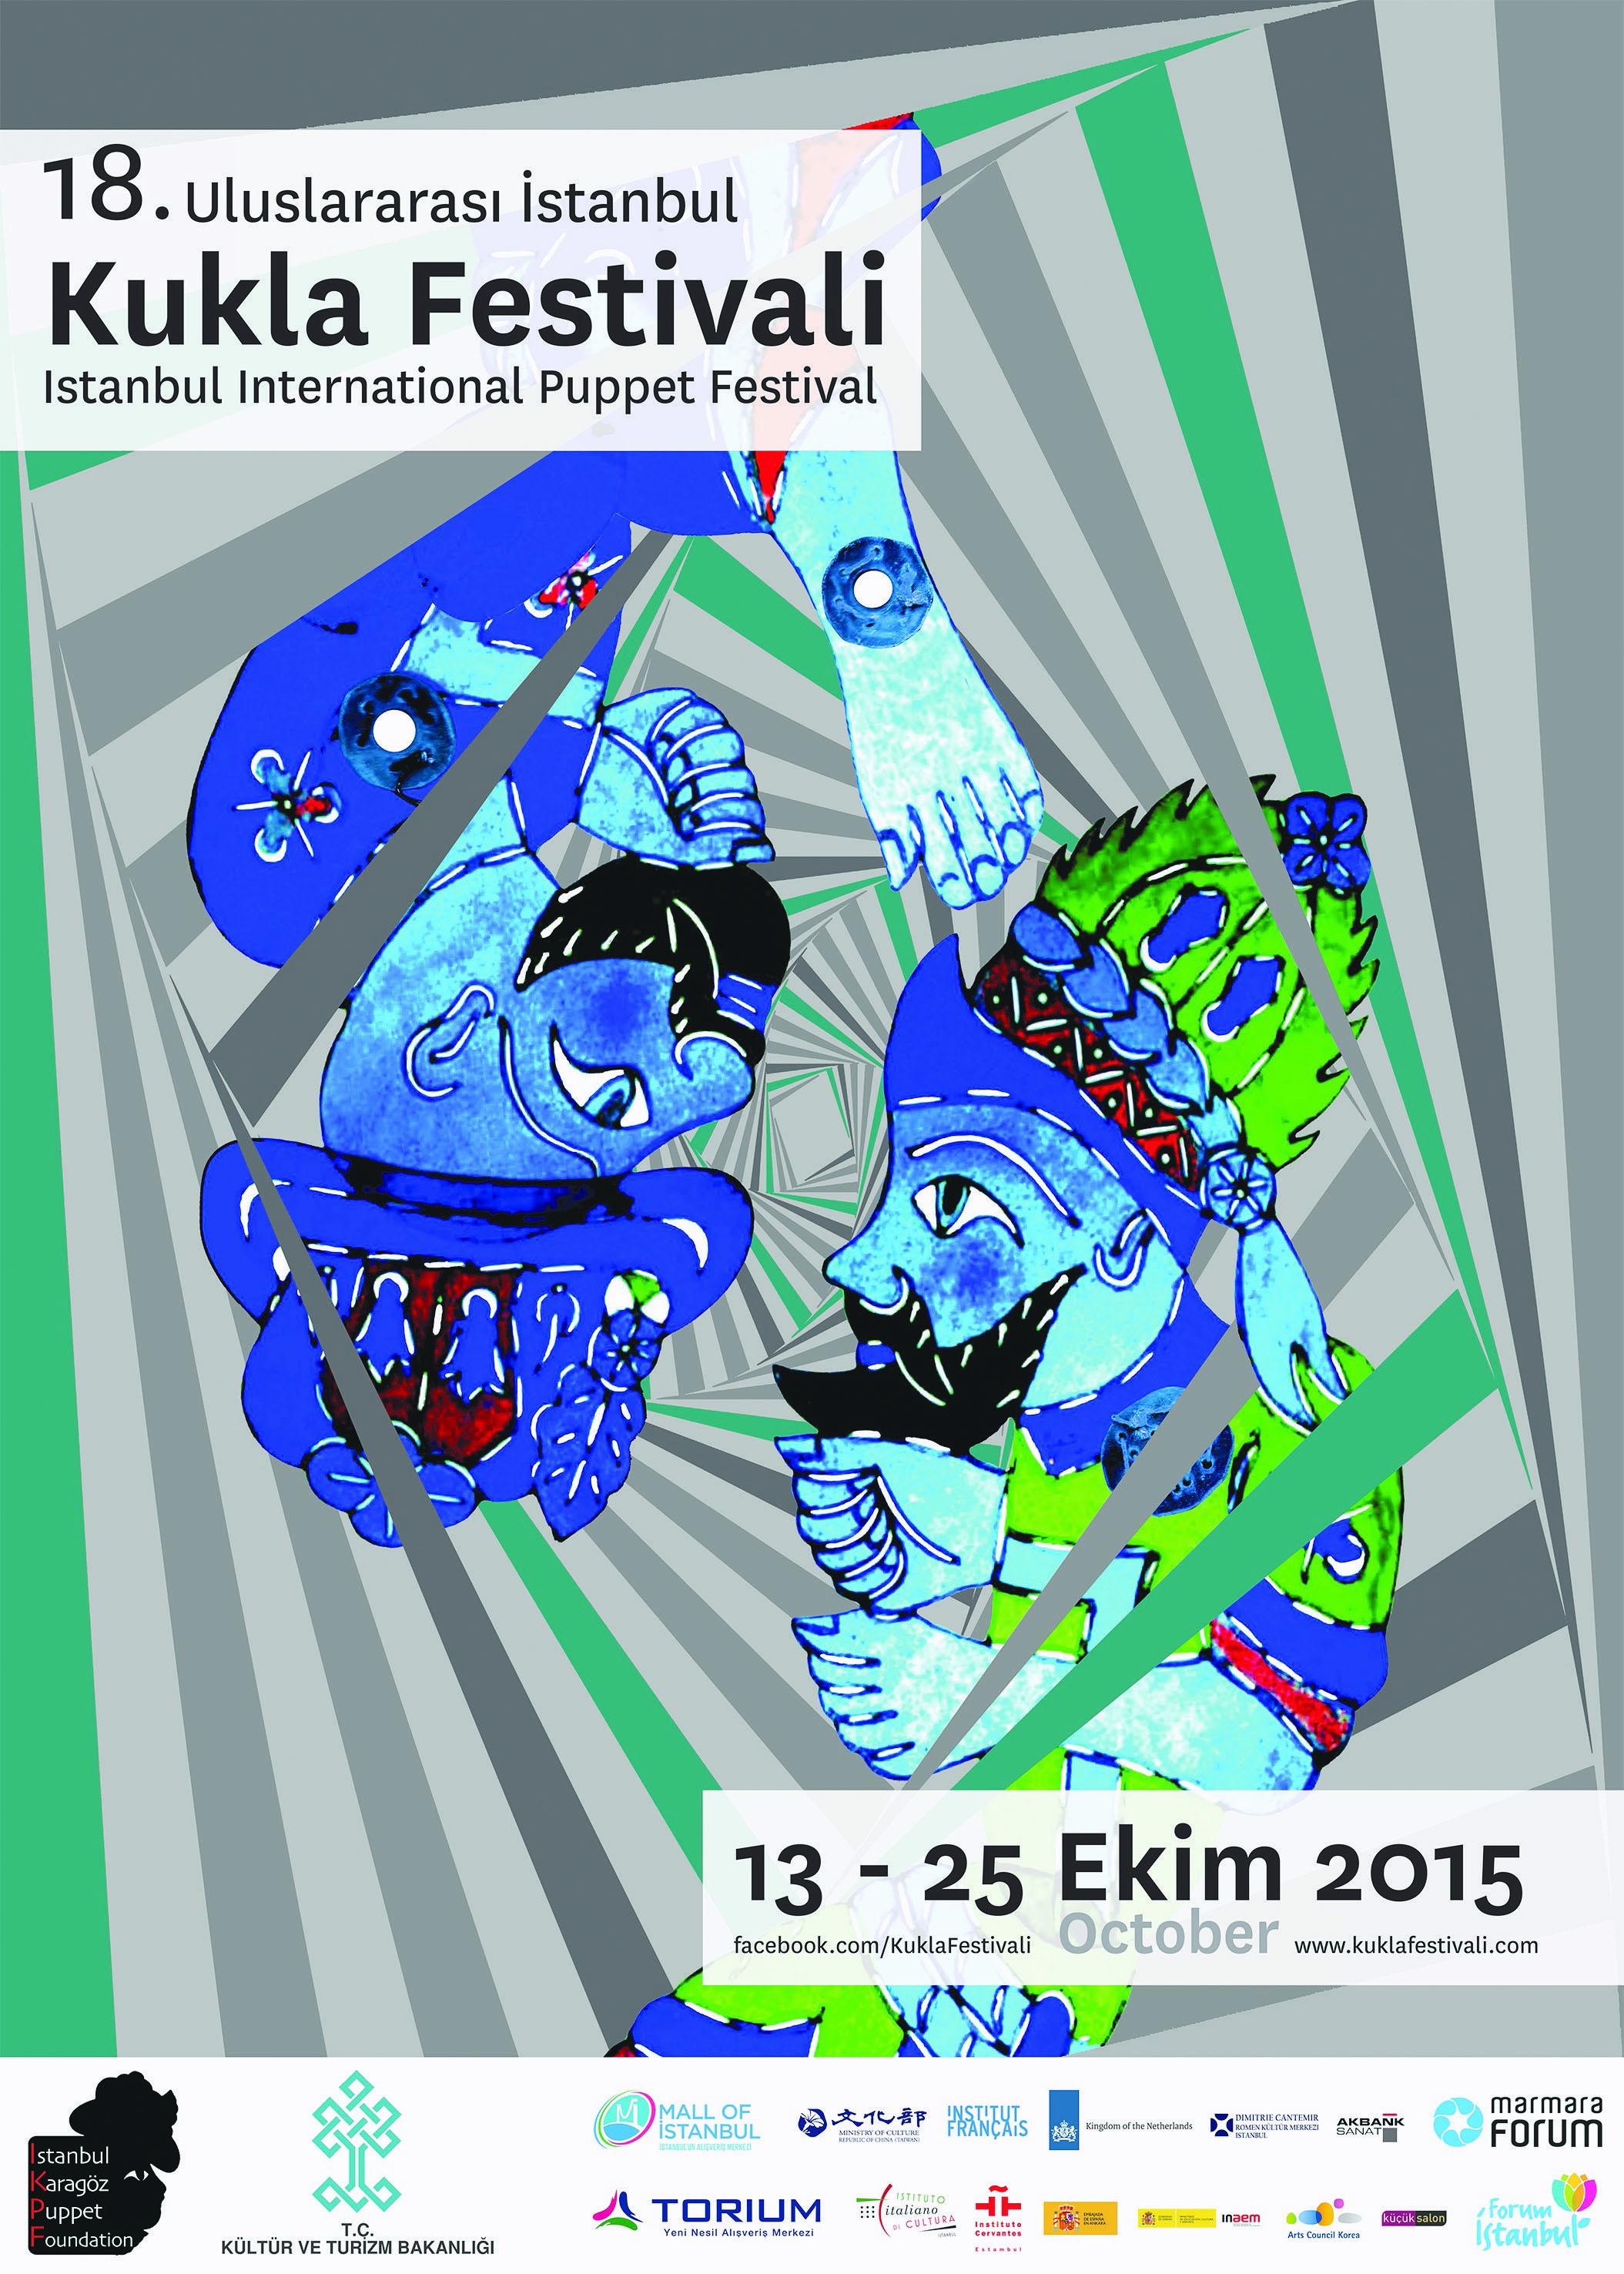 18. İstanbul Kukla Festivali Programı 19